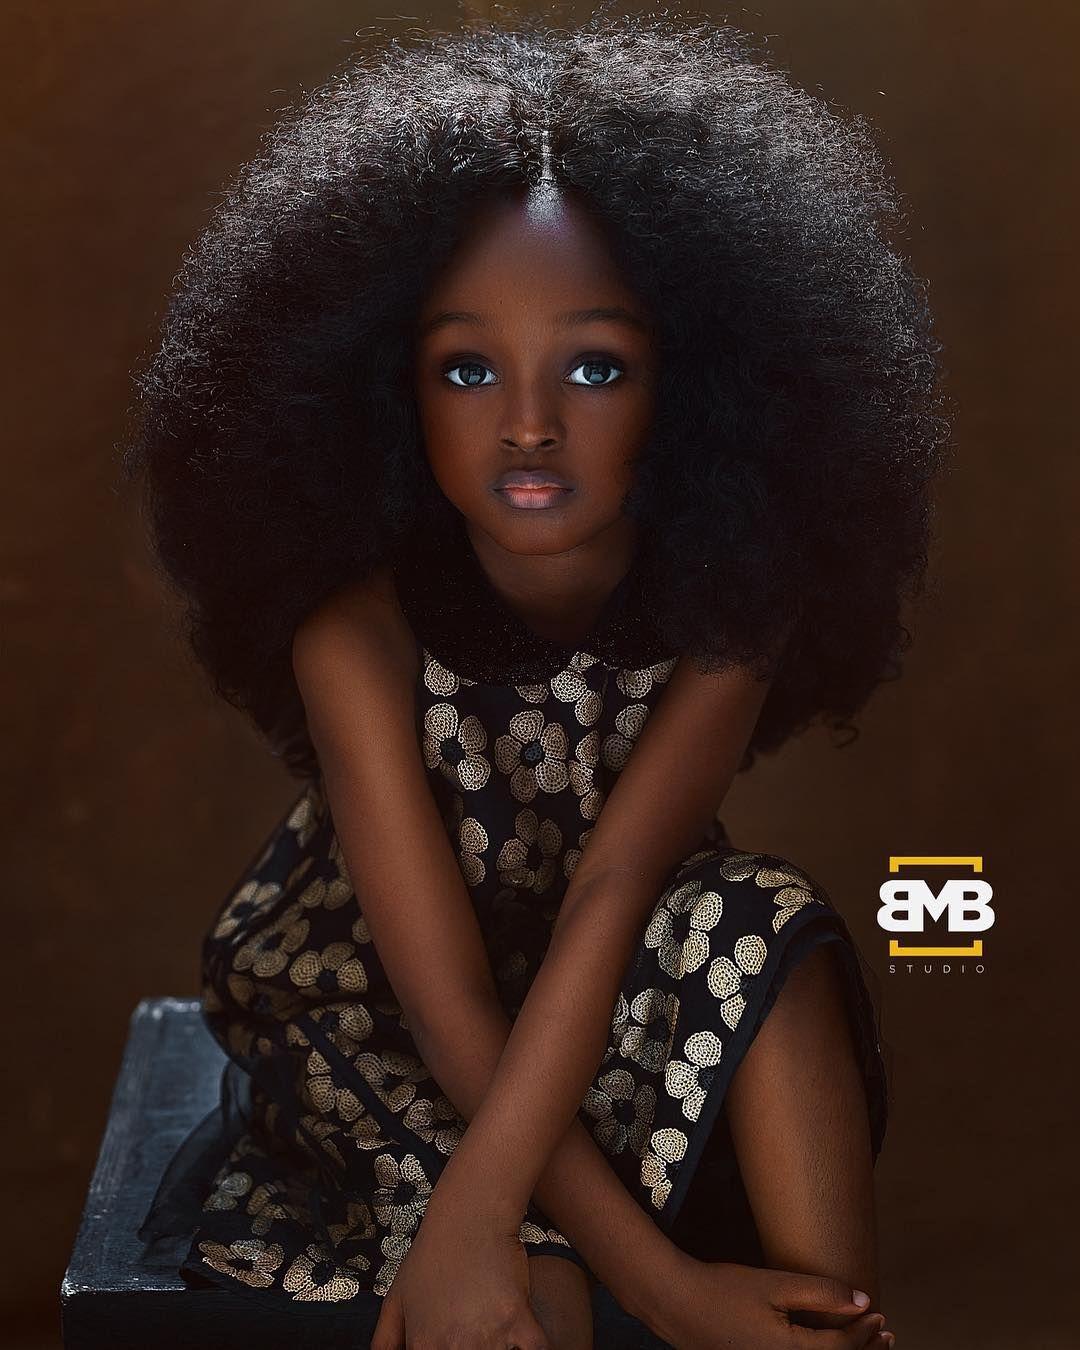 mustat naiset kuvia